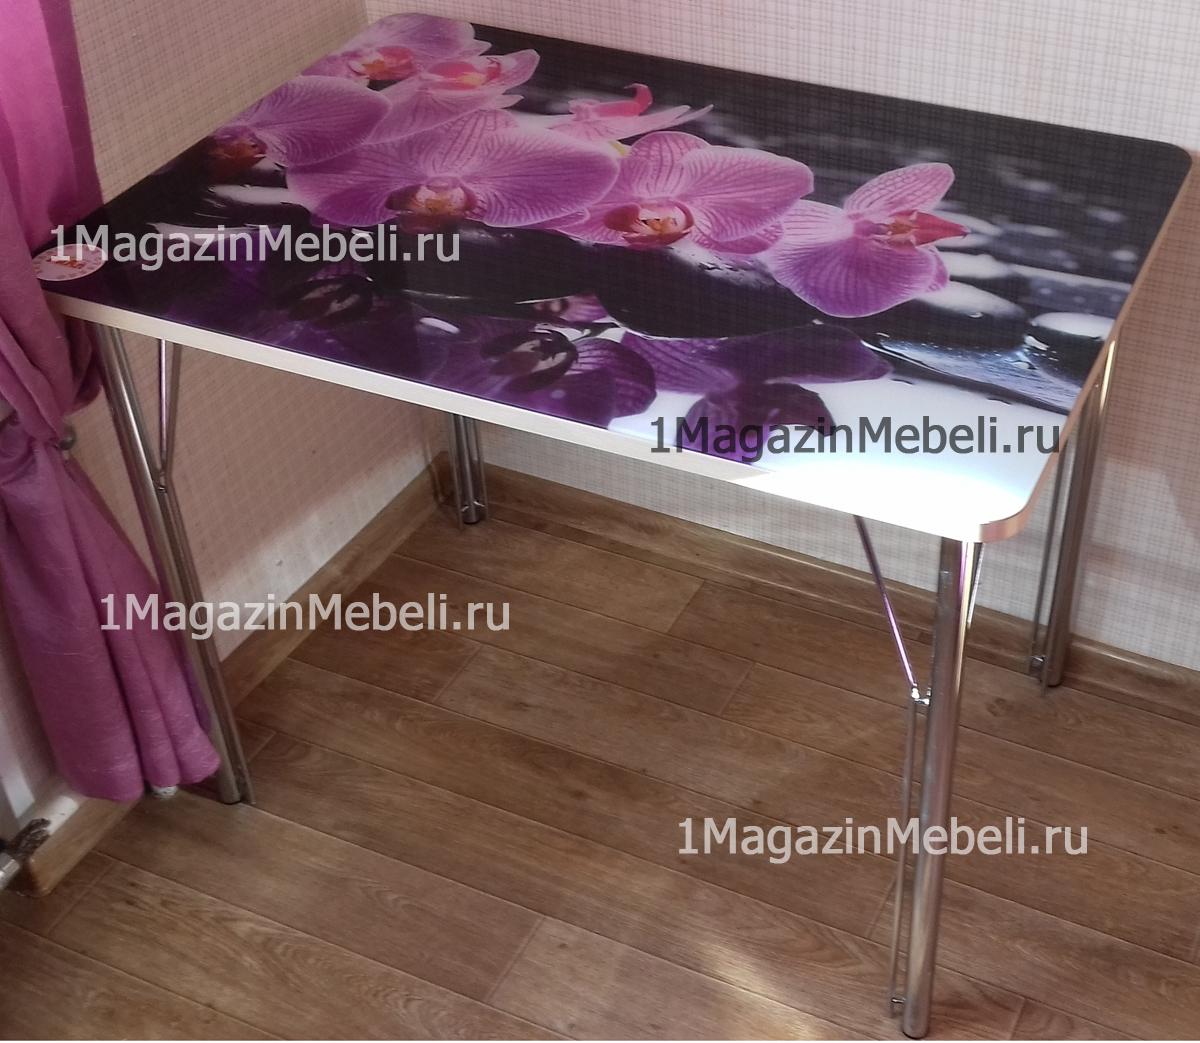 Стол стеклянный не раздвижной 120 см. с фотопечатью и прямыми ножками (арт. М4319)